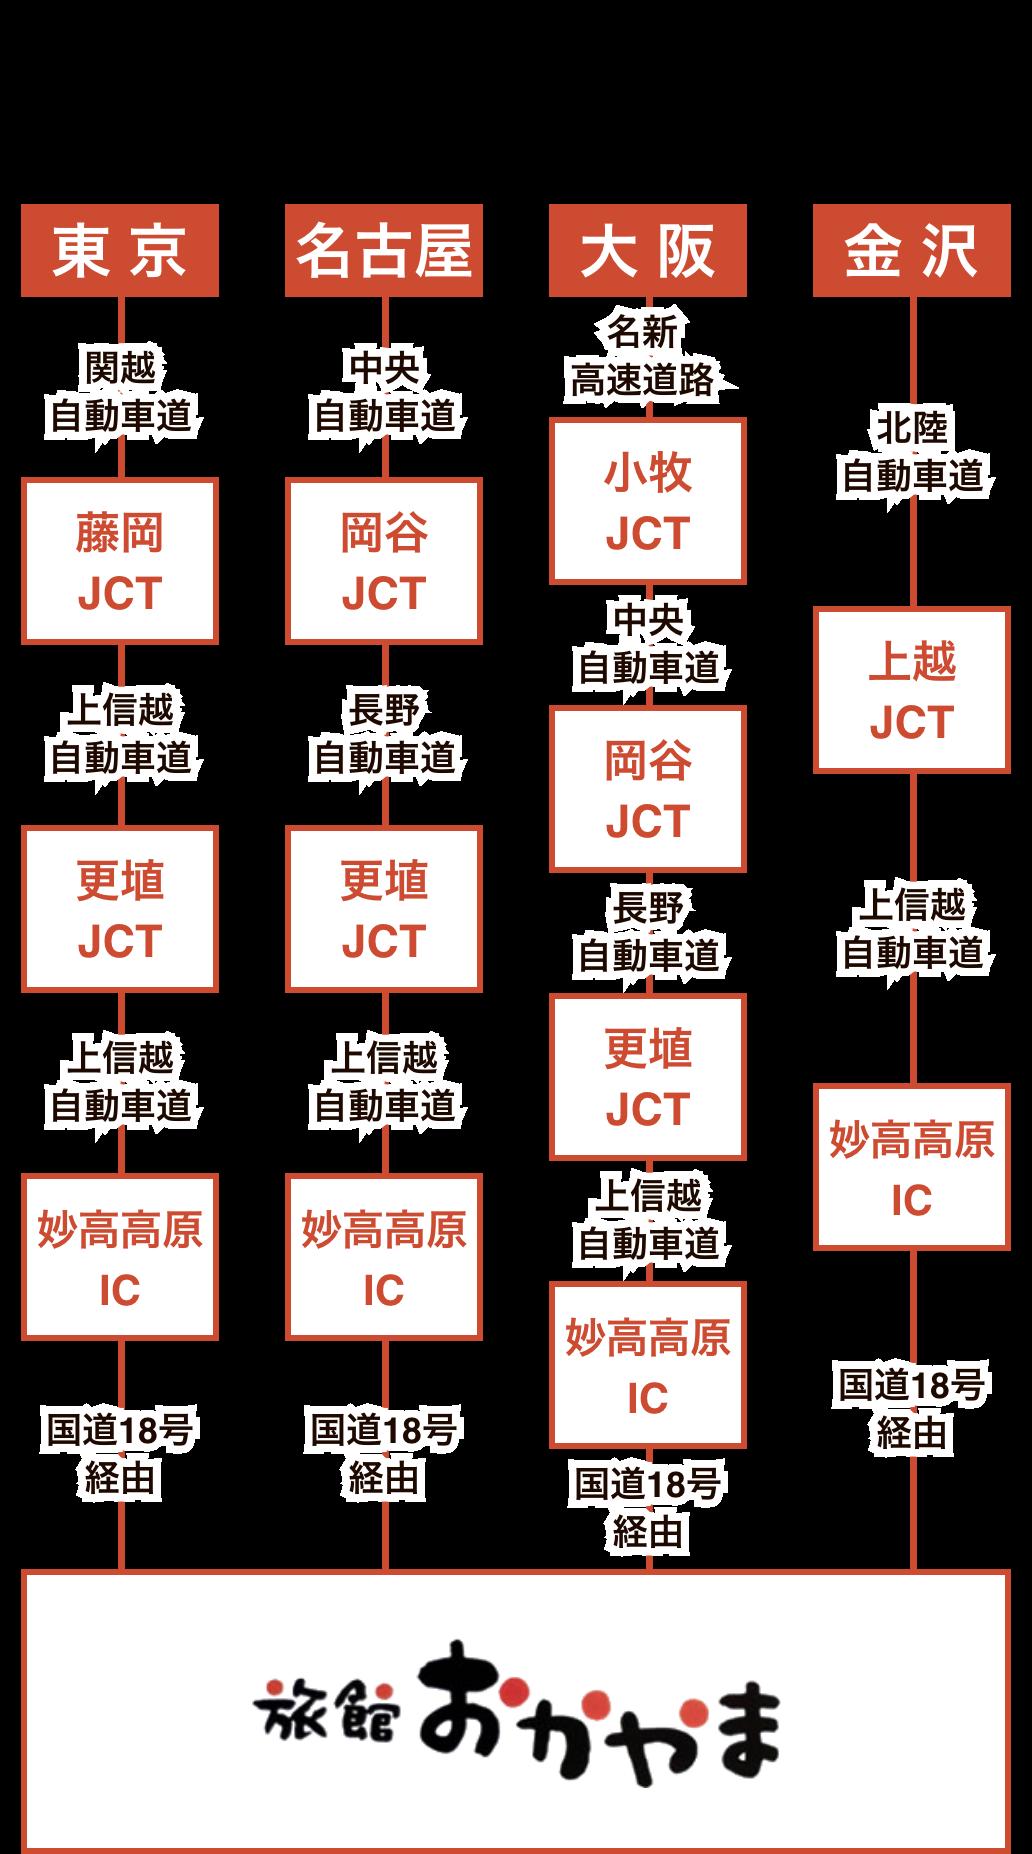 上信越自動車道 妙高IC経由 東京から3時間30分、大阪から6時間